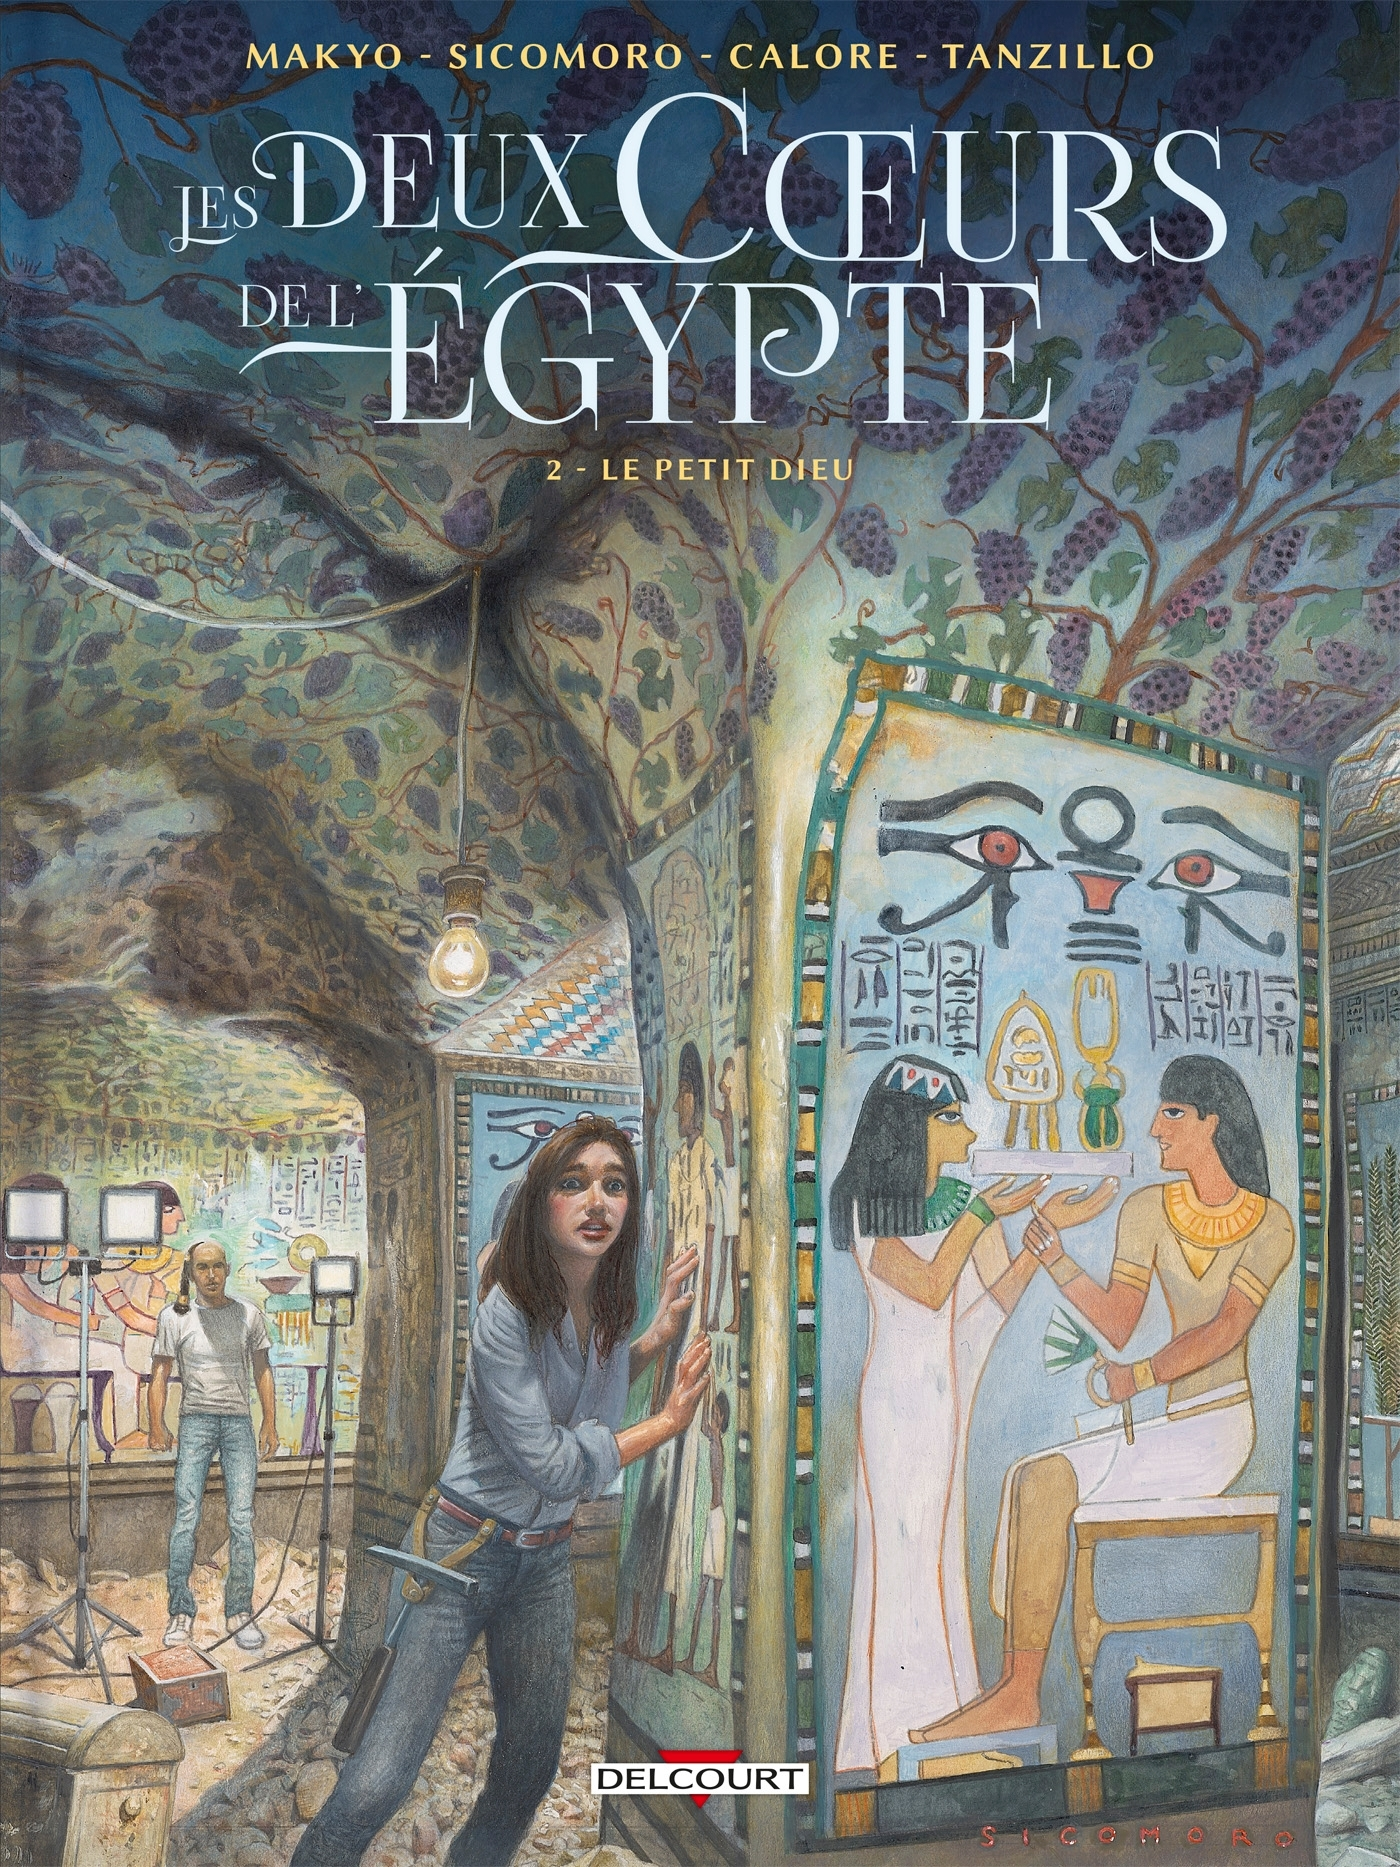 LES DEUX COEURS DE L EGYPTE - LES DEUX COEURS DE L'EGYPTE T02 - LE PETIT DIEU